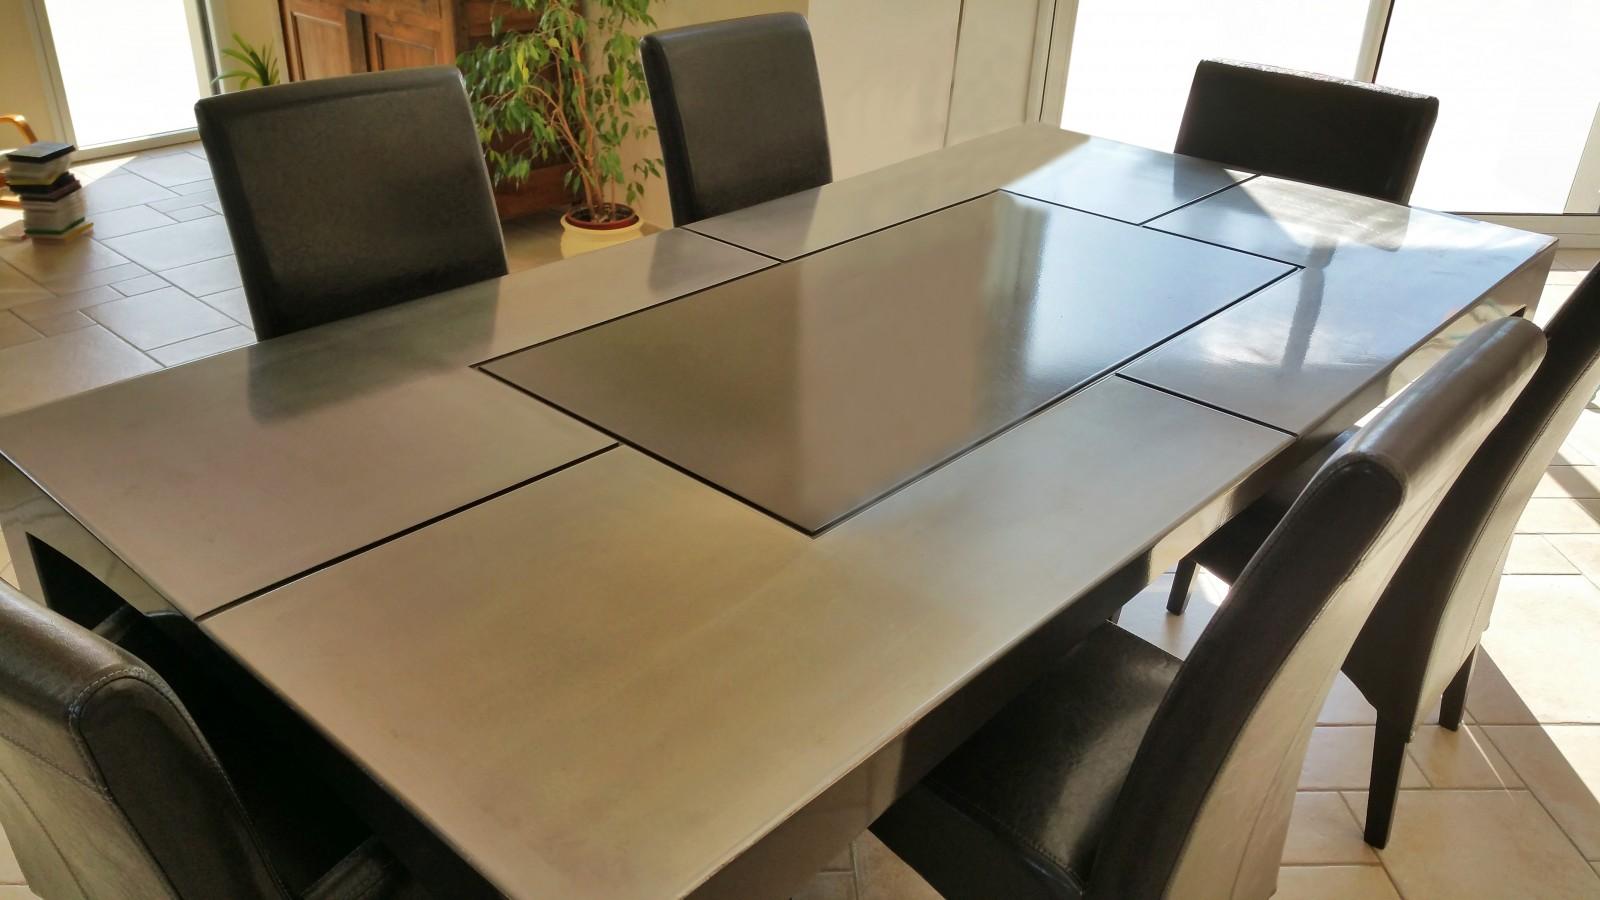 Comment fabriquer table basse industrielle - Fabriquer table basse industrielle ...